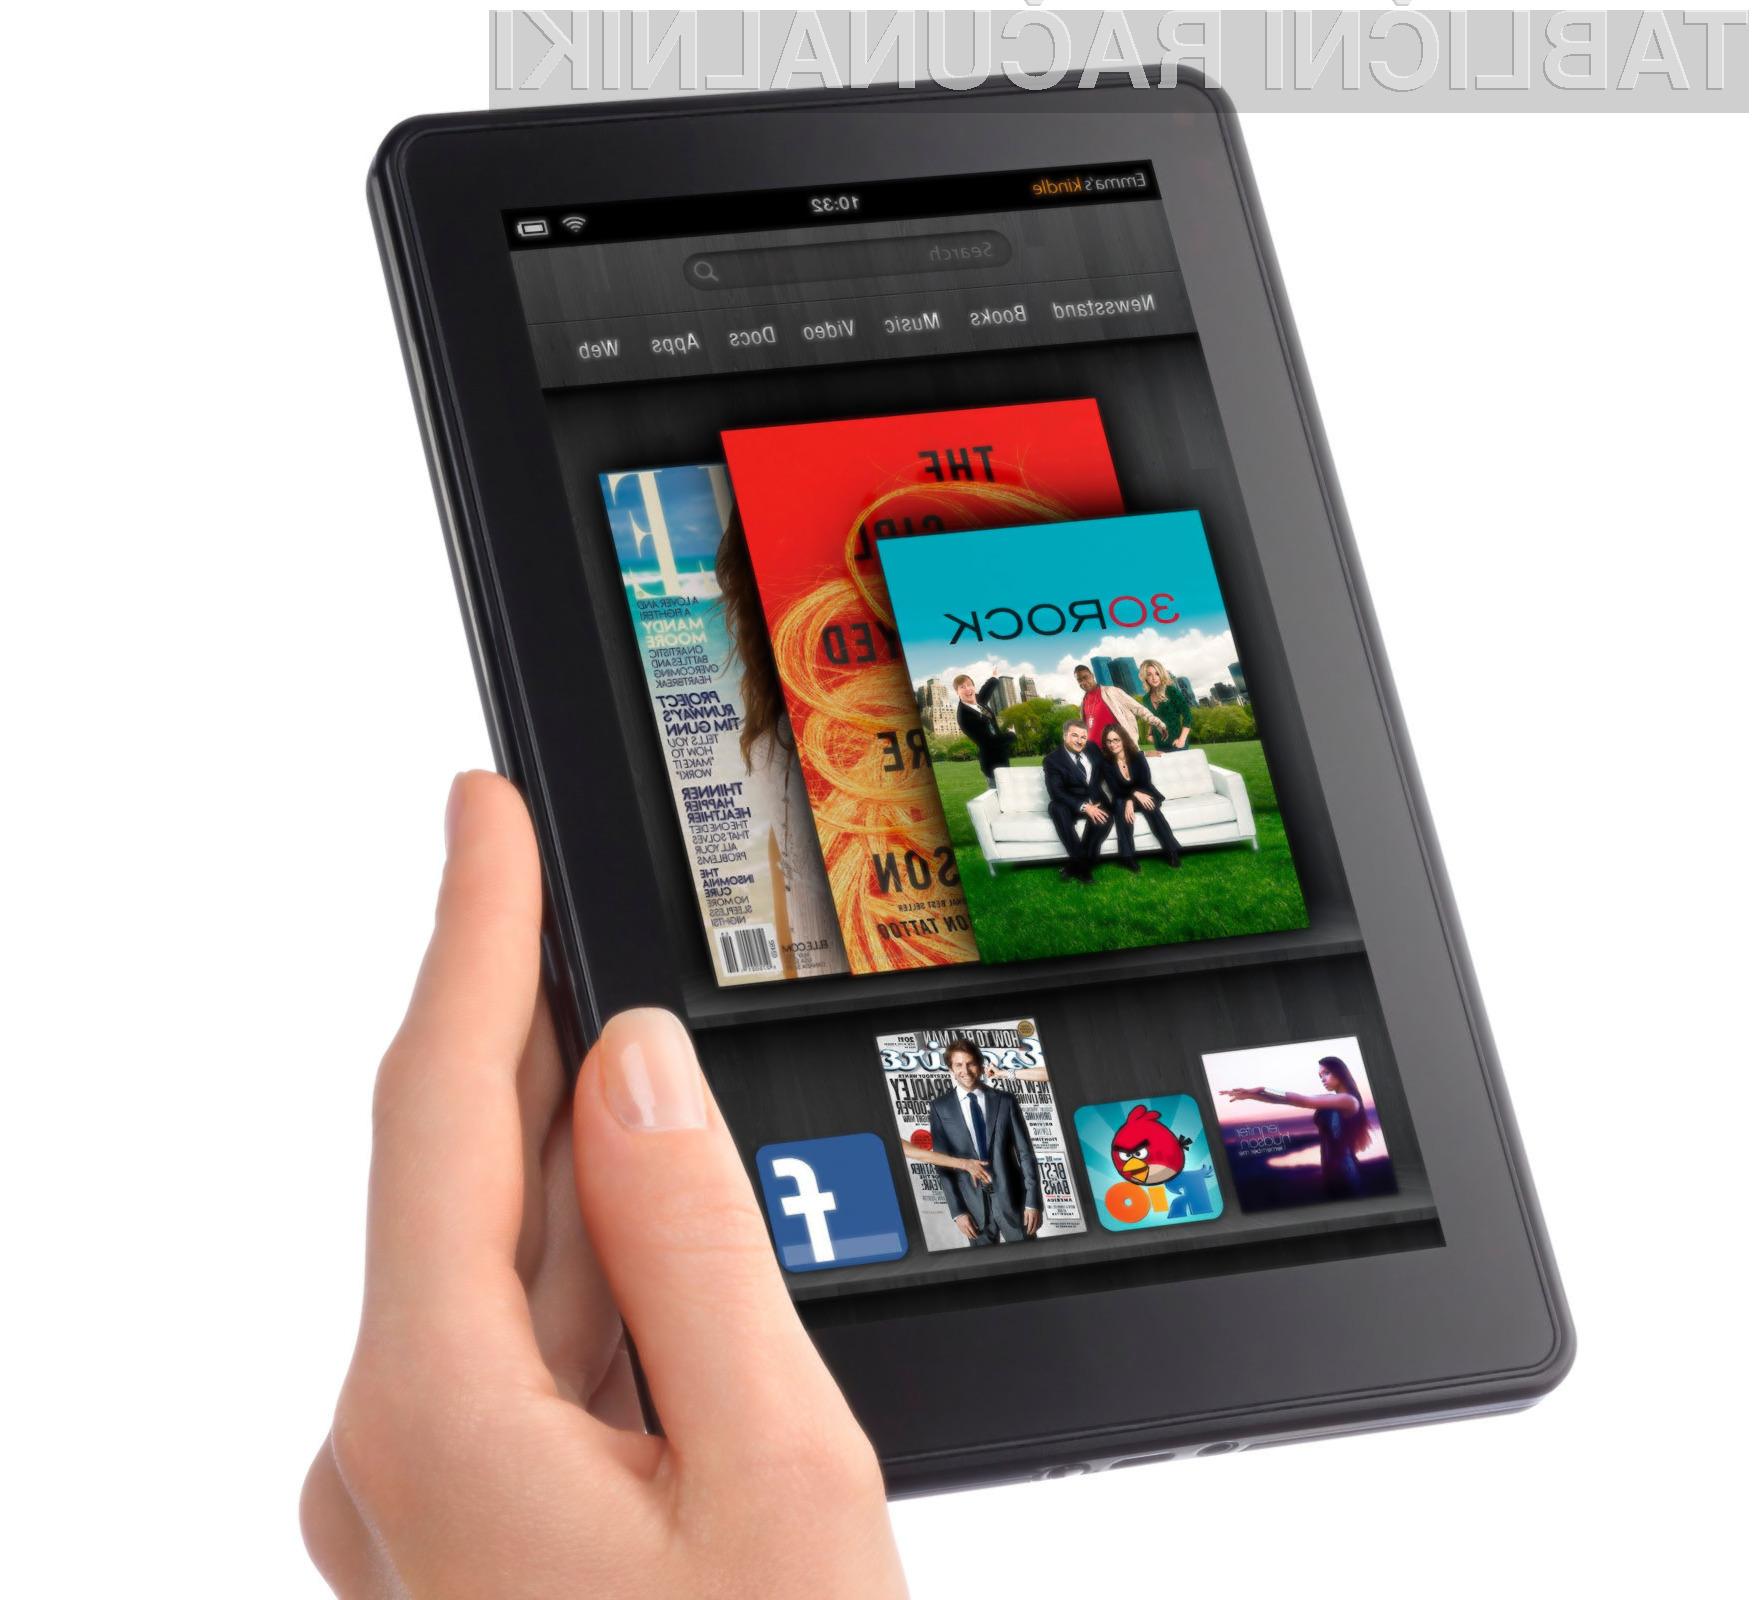 Kindle Fire po popularnosti precej zaostaja za iPadi. Se bo letos to spremenilo?